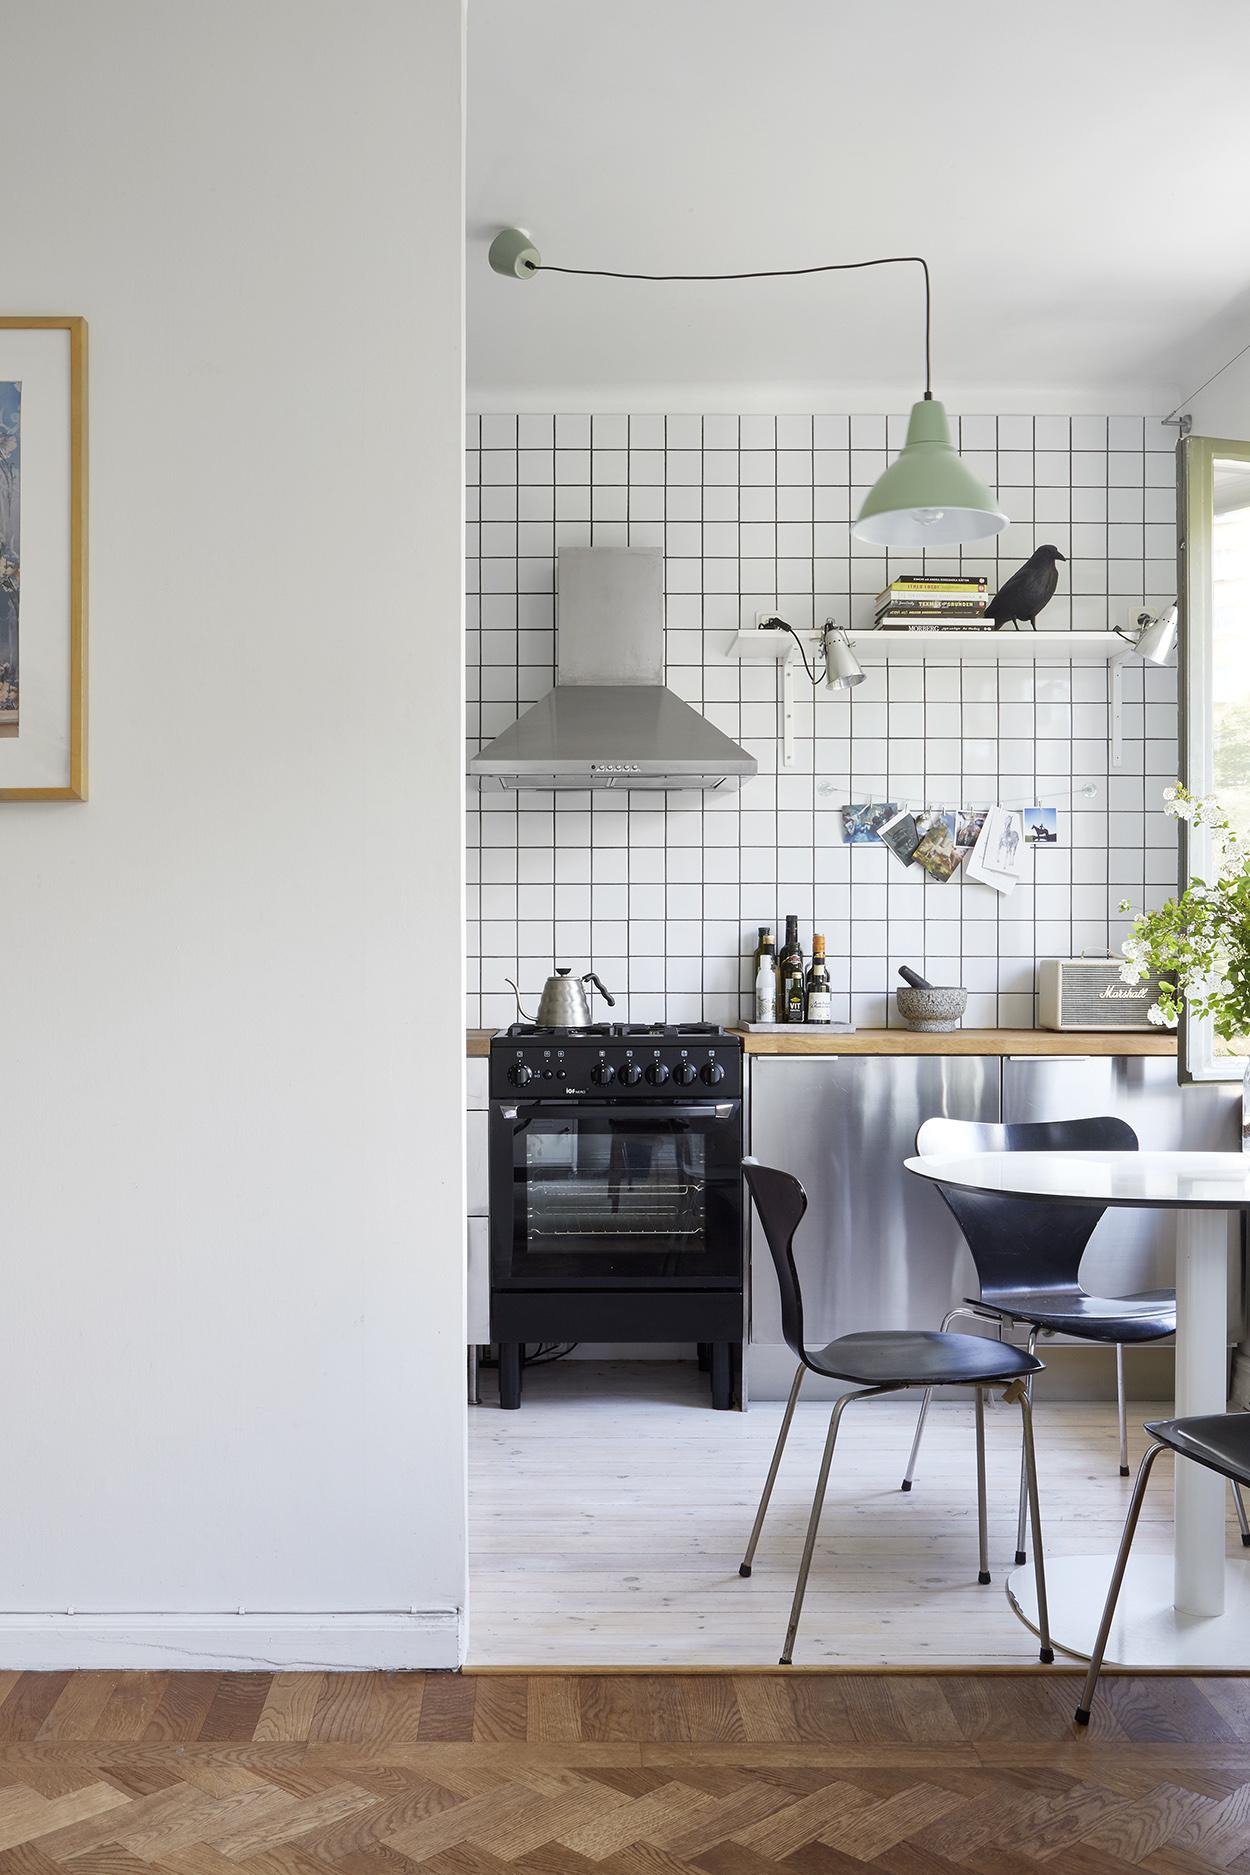 Woonkamer keuken ontwerpen affordable ontwerp keuken for Woonkamer ontwerpen